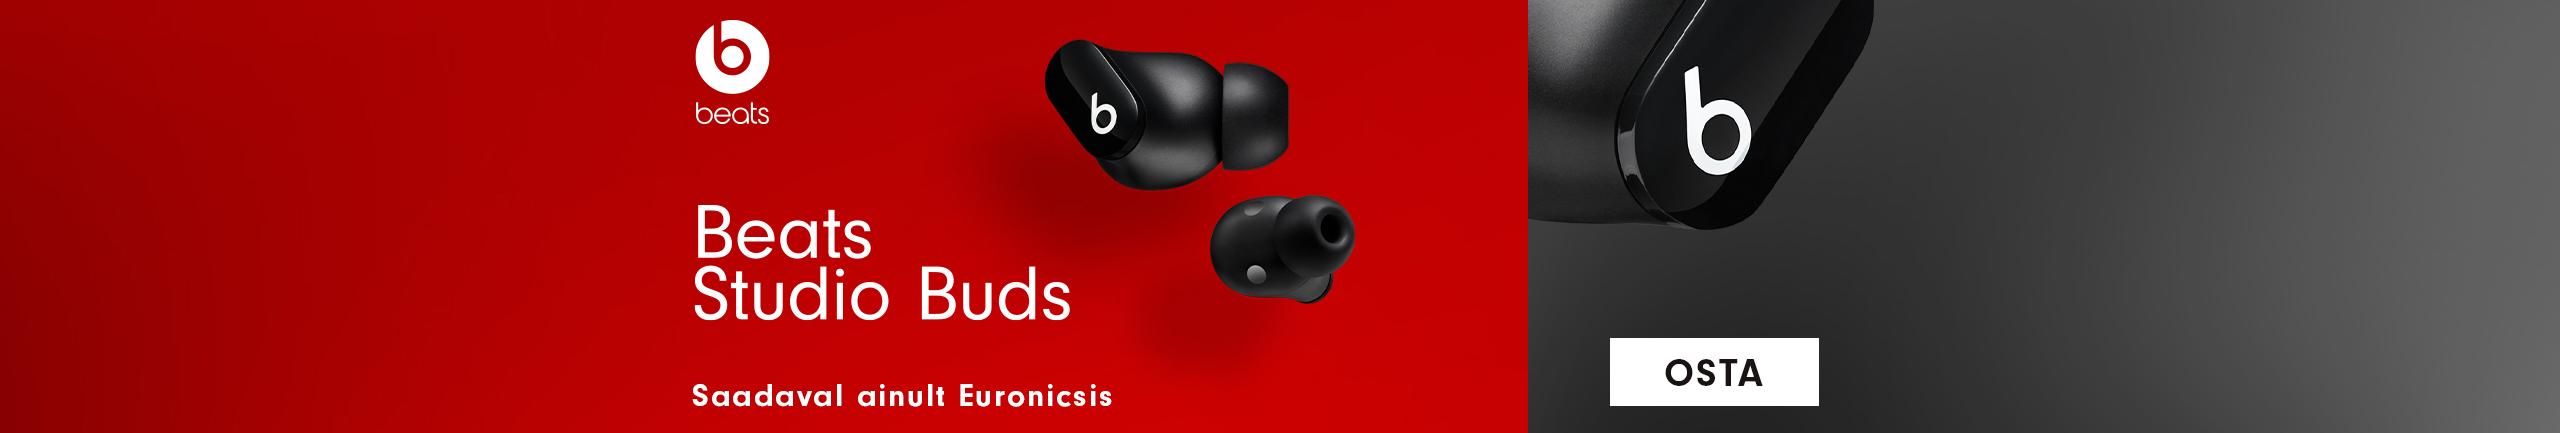 NPL  Beats Studio headphones launch